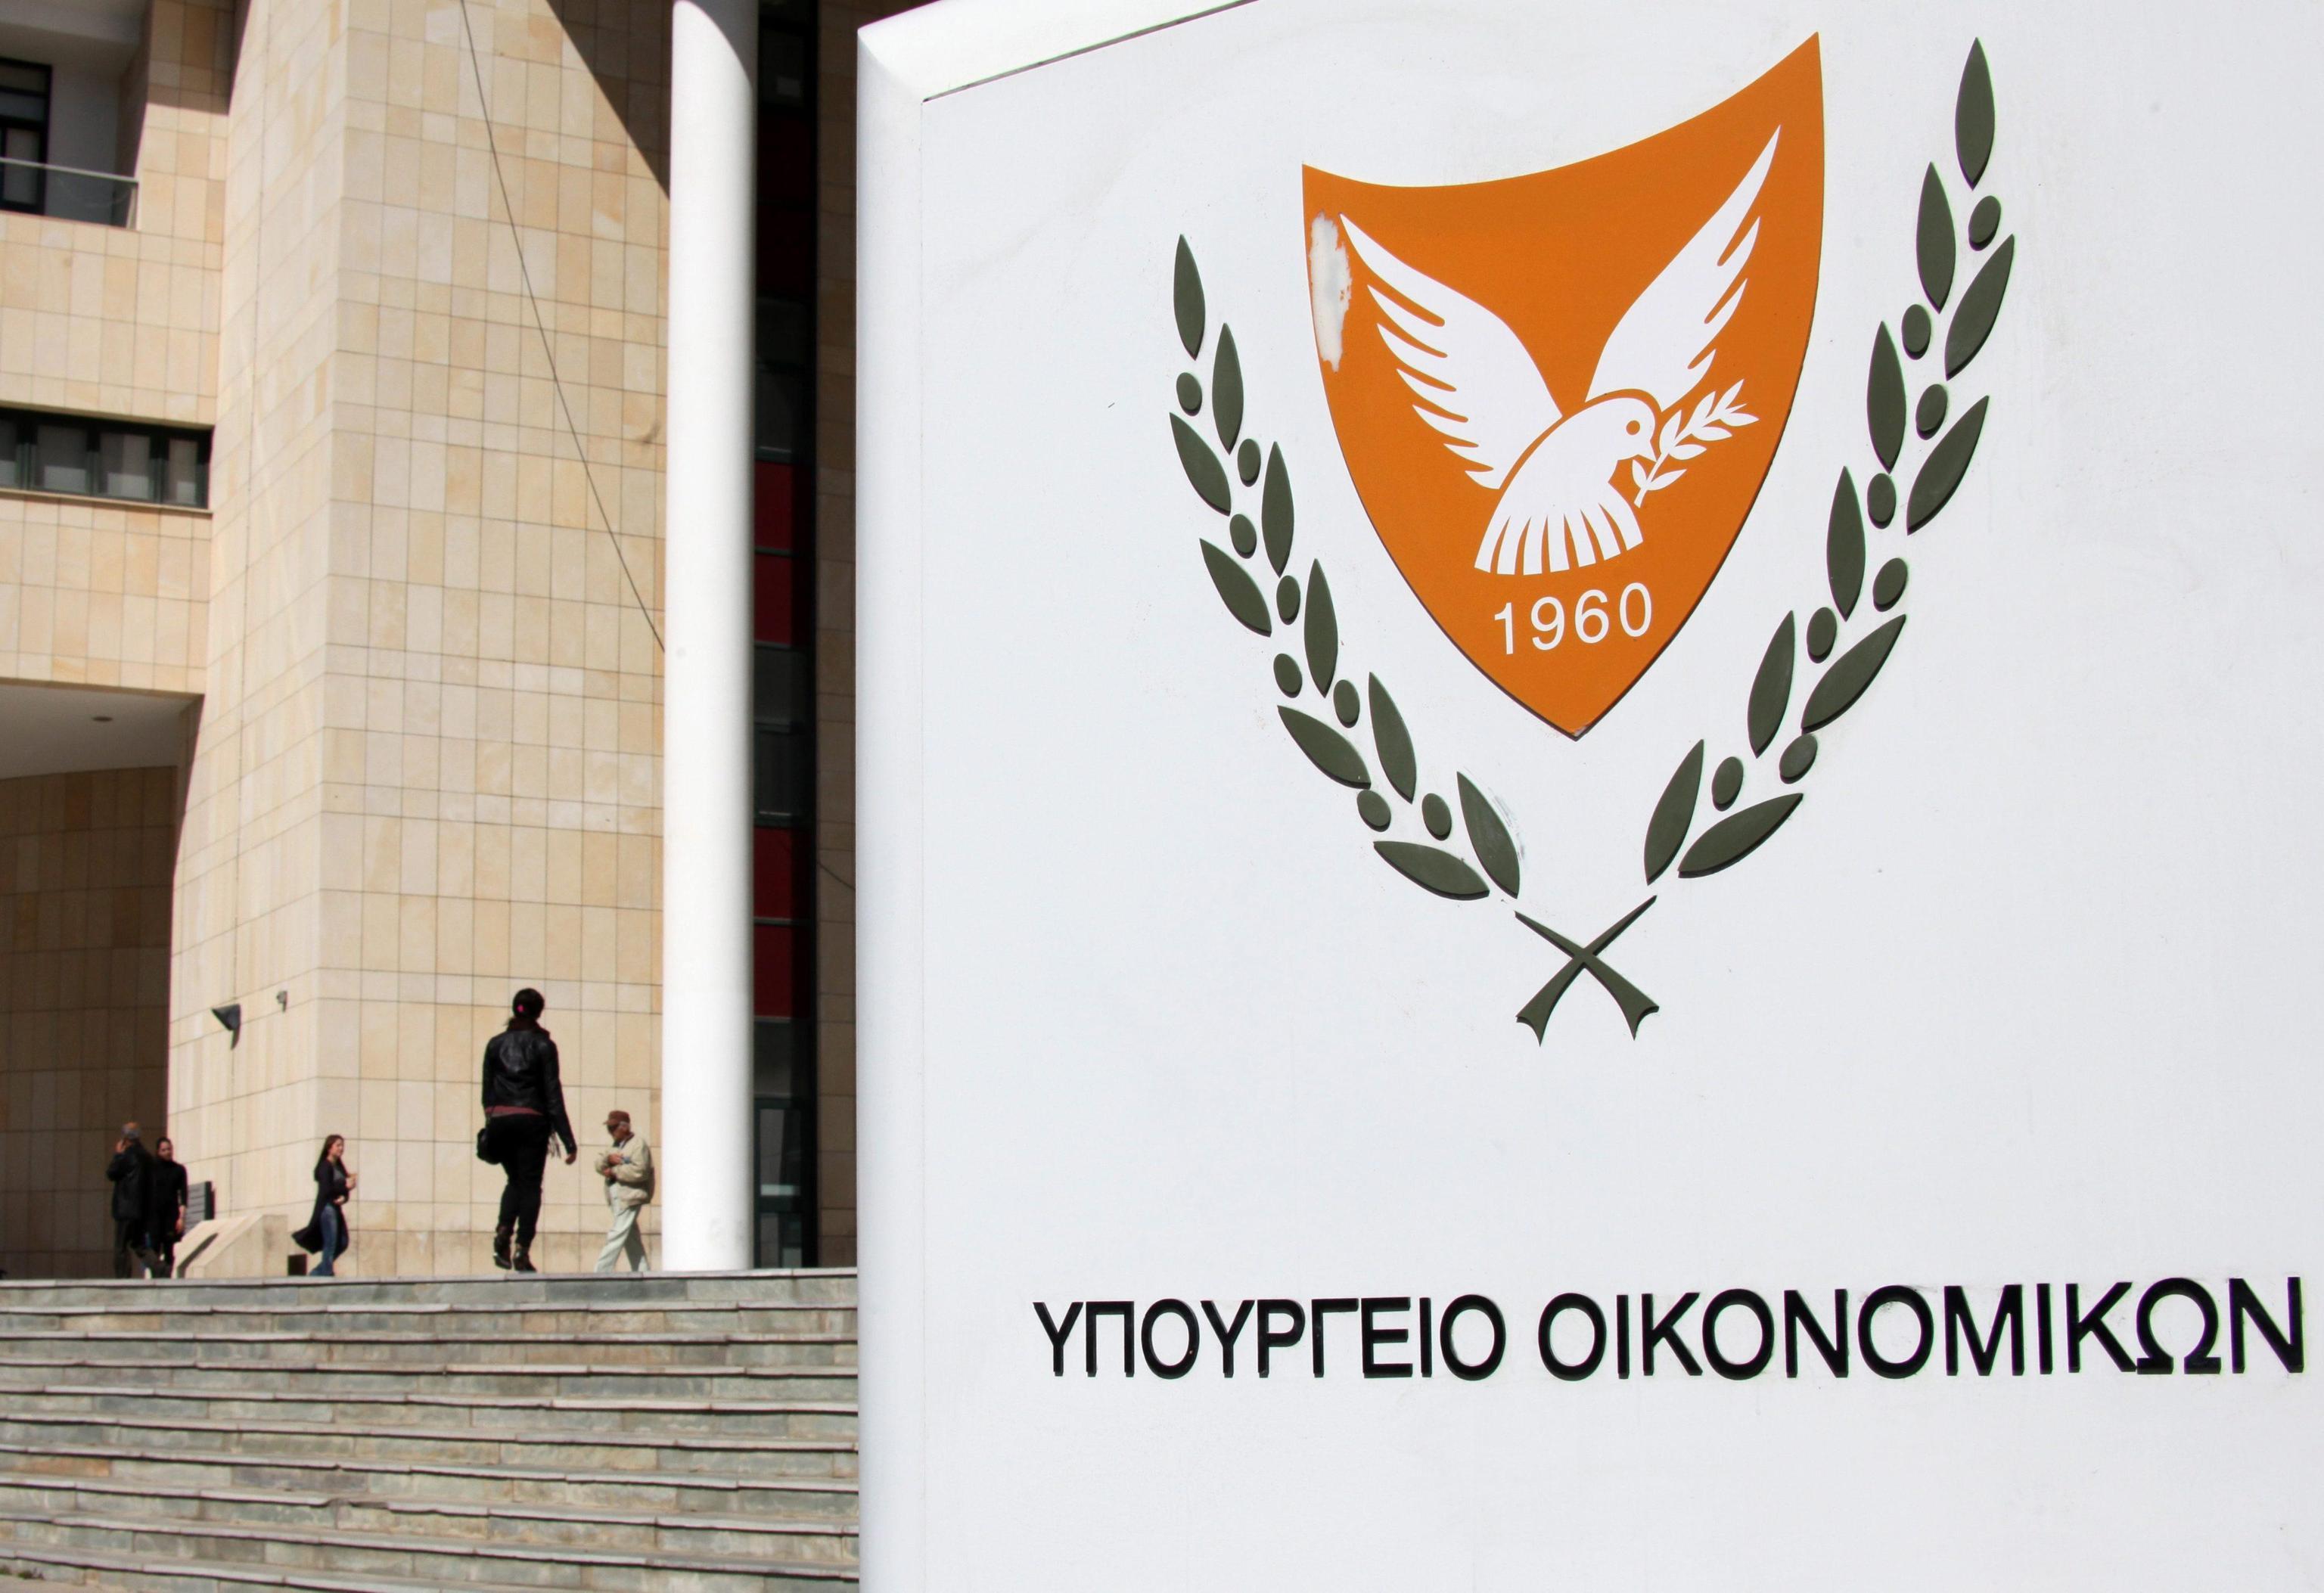 A cipro regna il caos si vota sul prelievo dai conti - Bozza compromesso ...